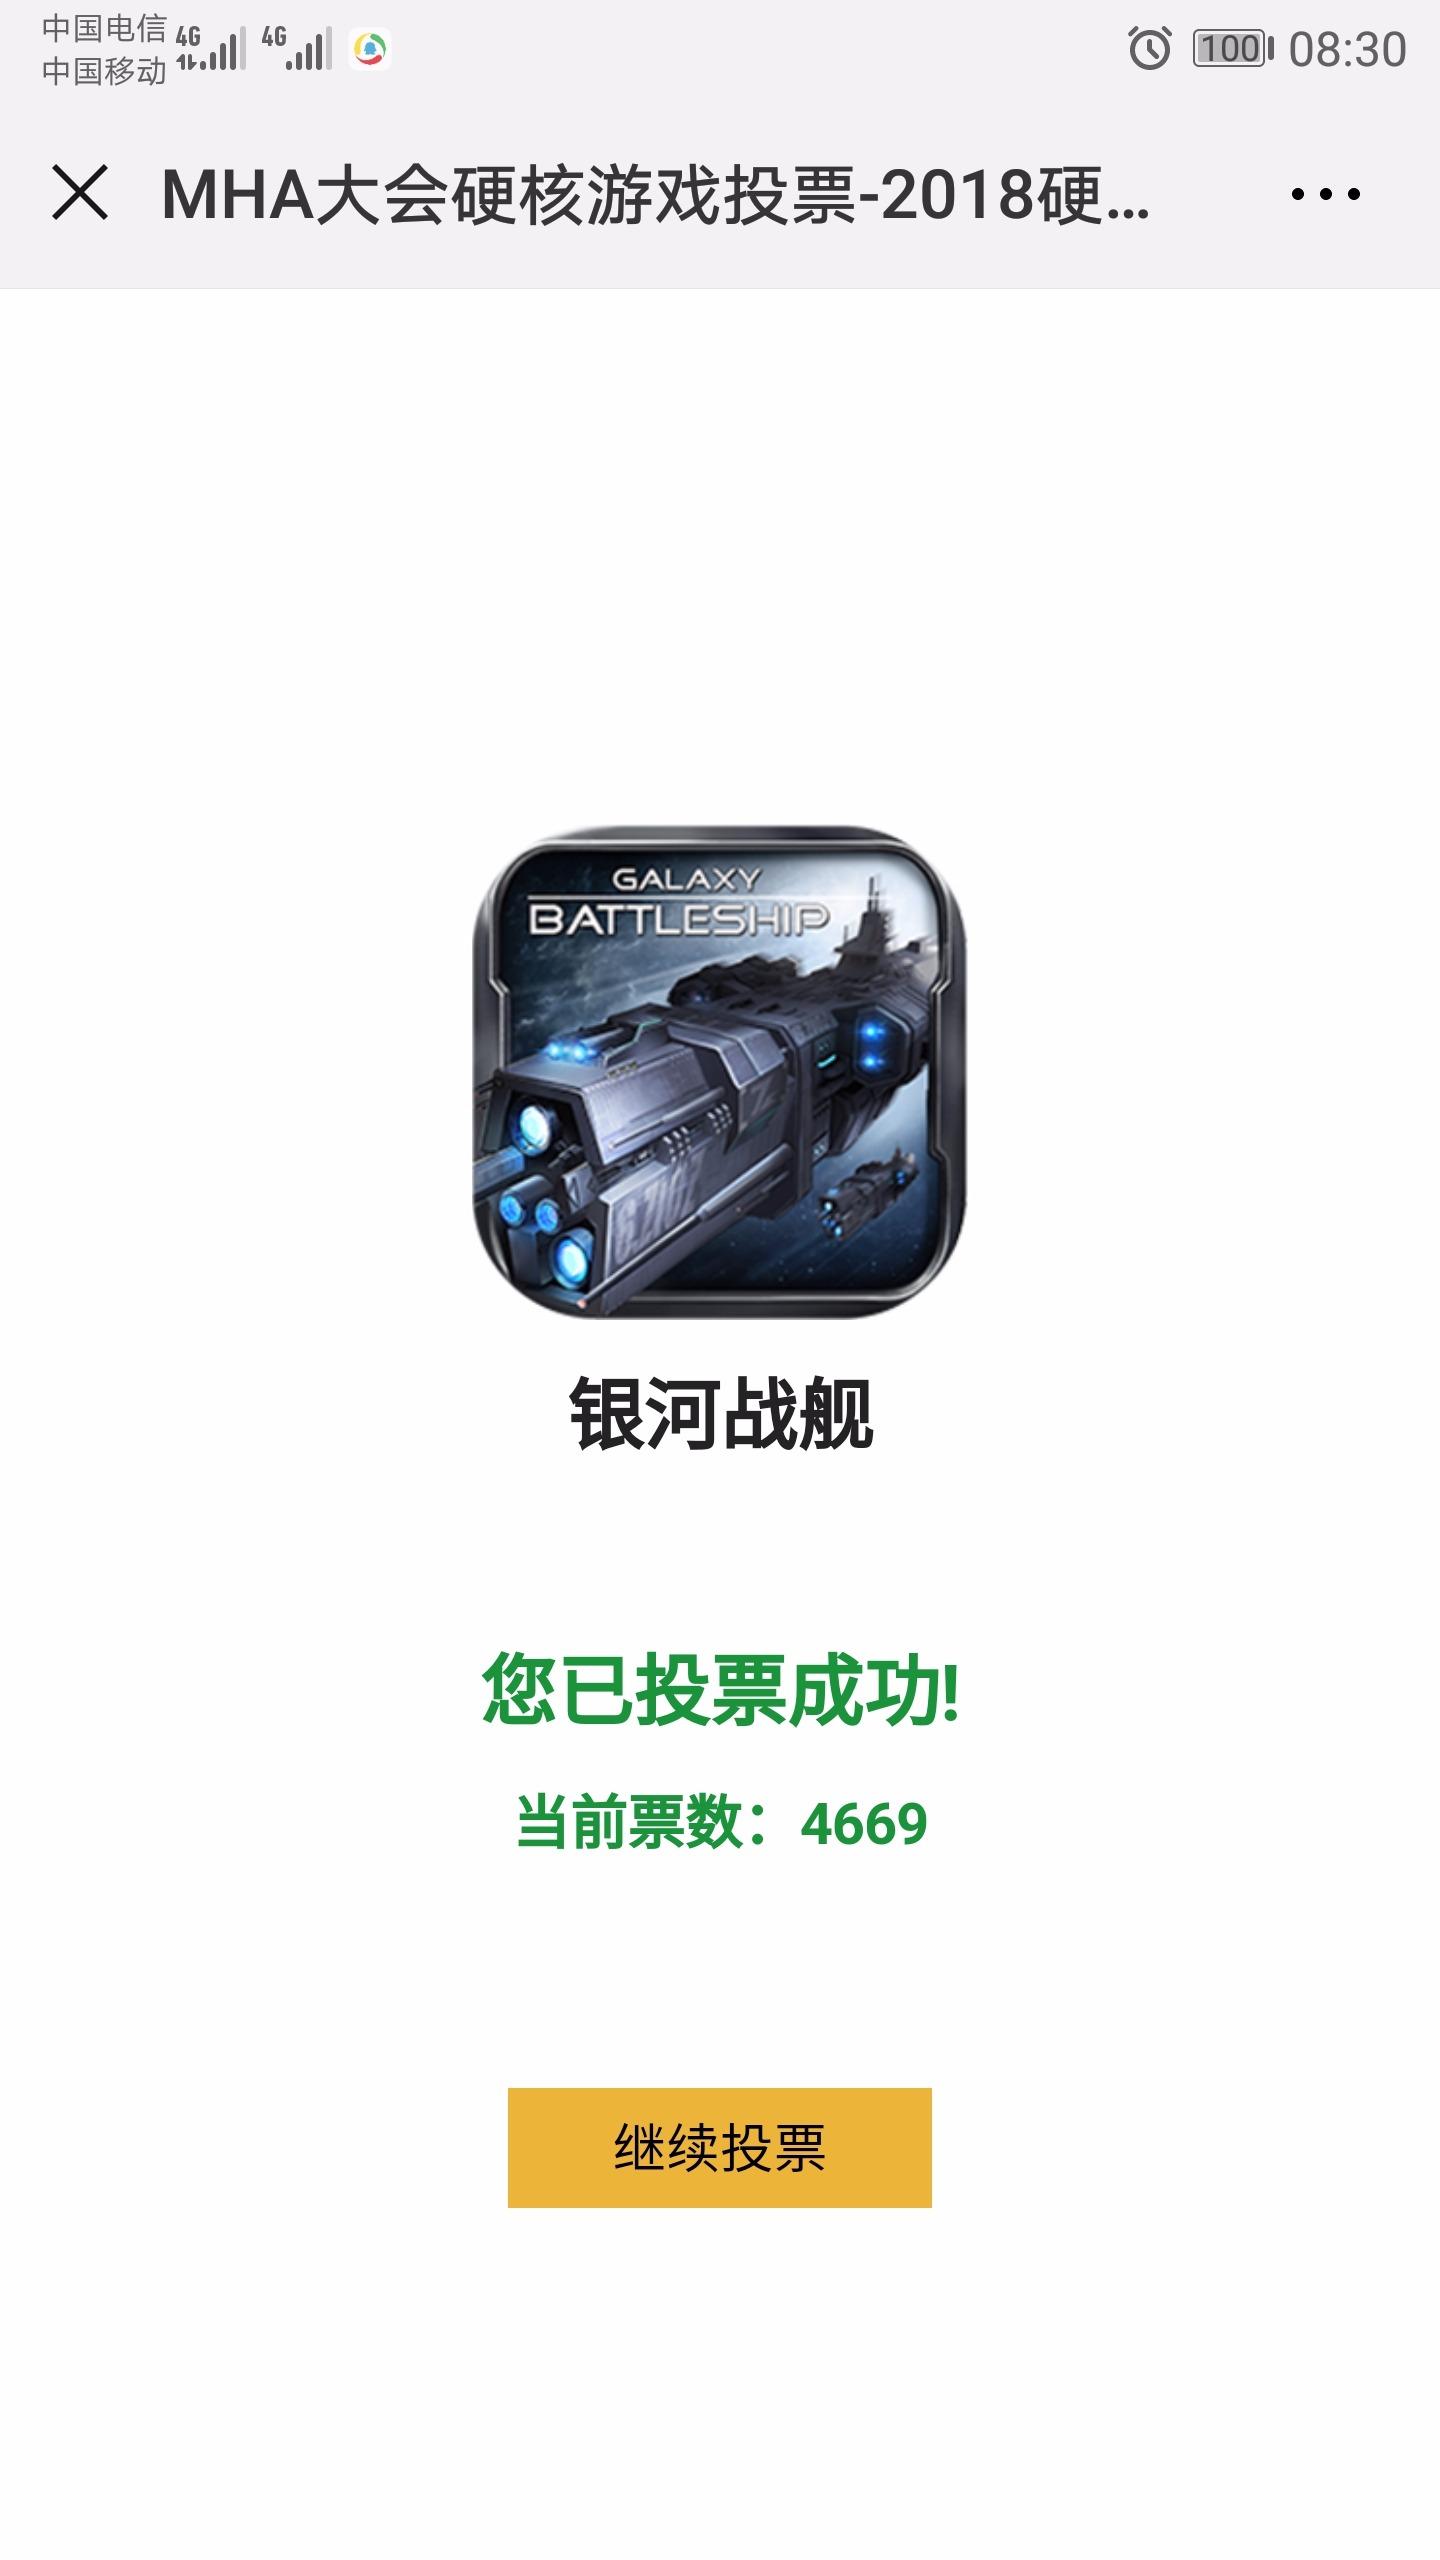 Screenshot_20181127-083022.jpg